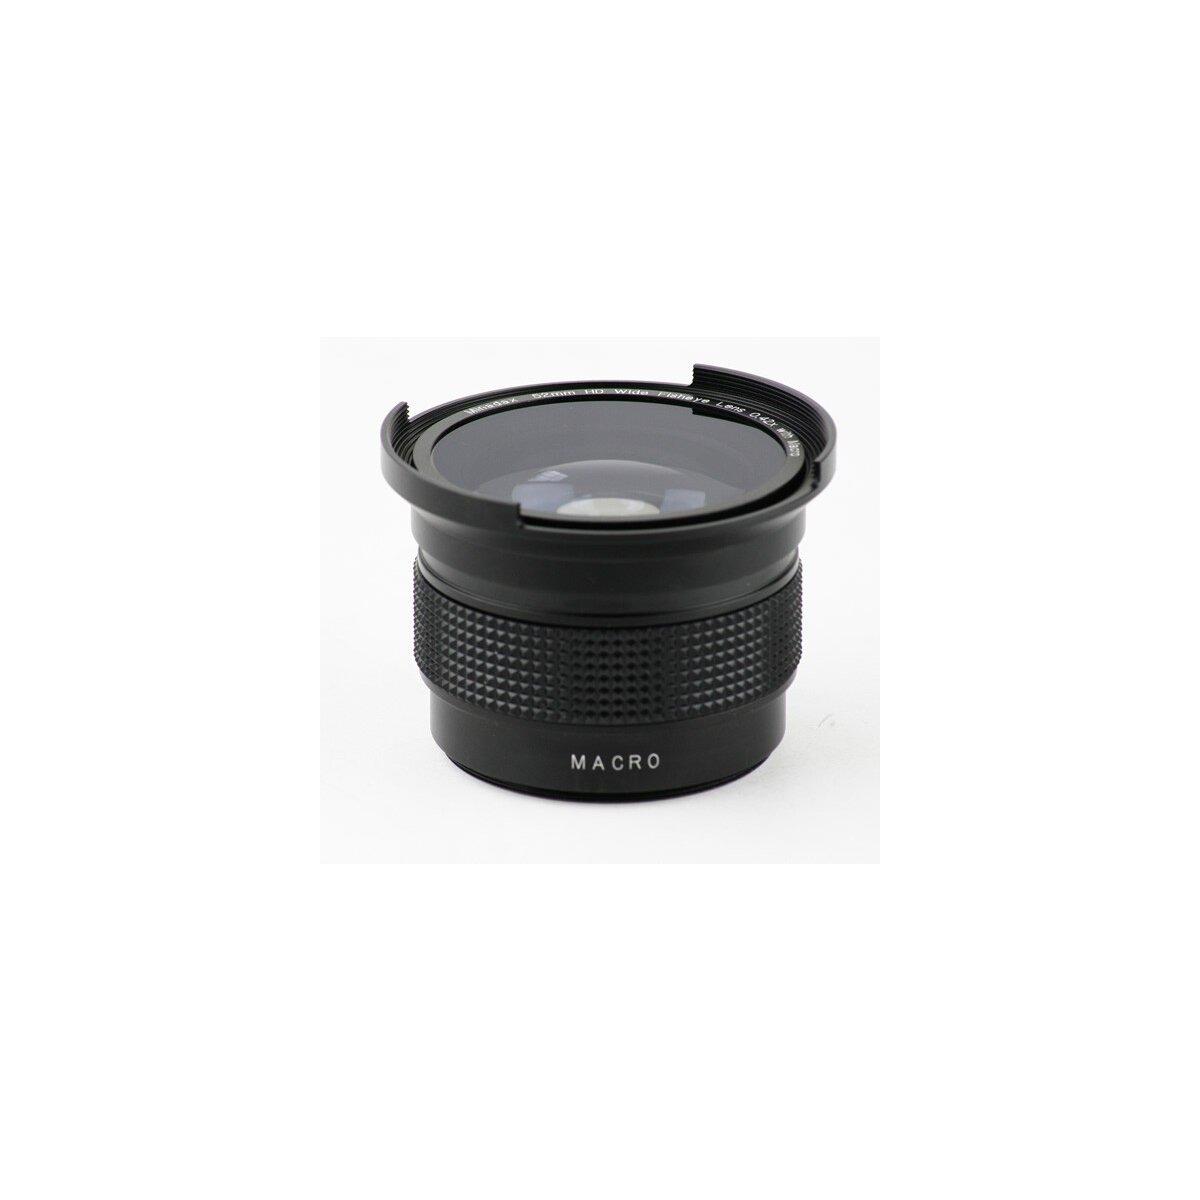 Minadax 0.42x Fisheye Vorsatz kompatibel mit Nikon Coolpix 5000, 5100